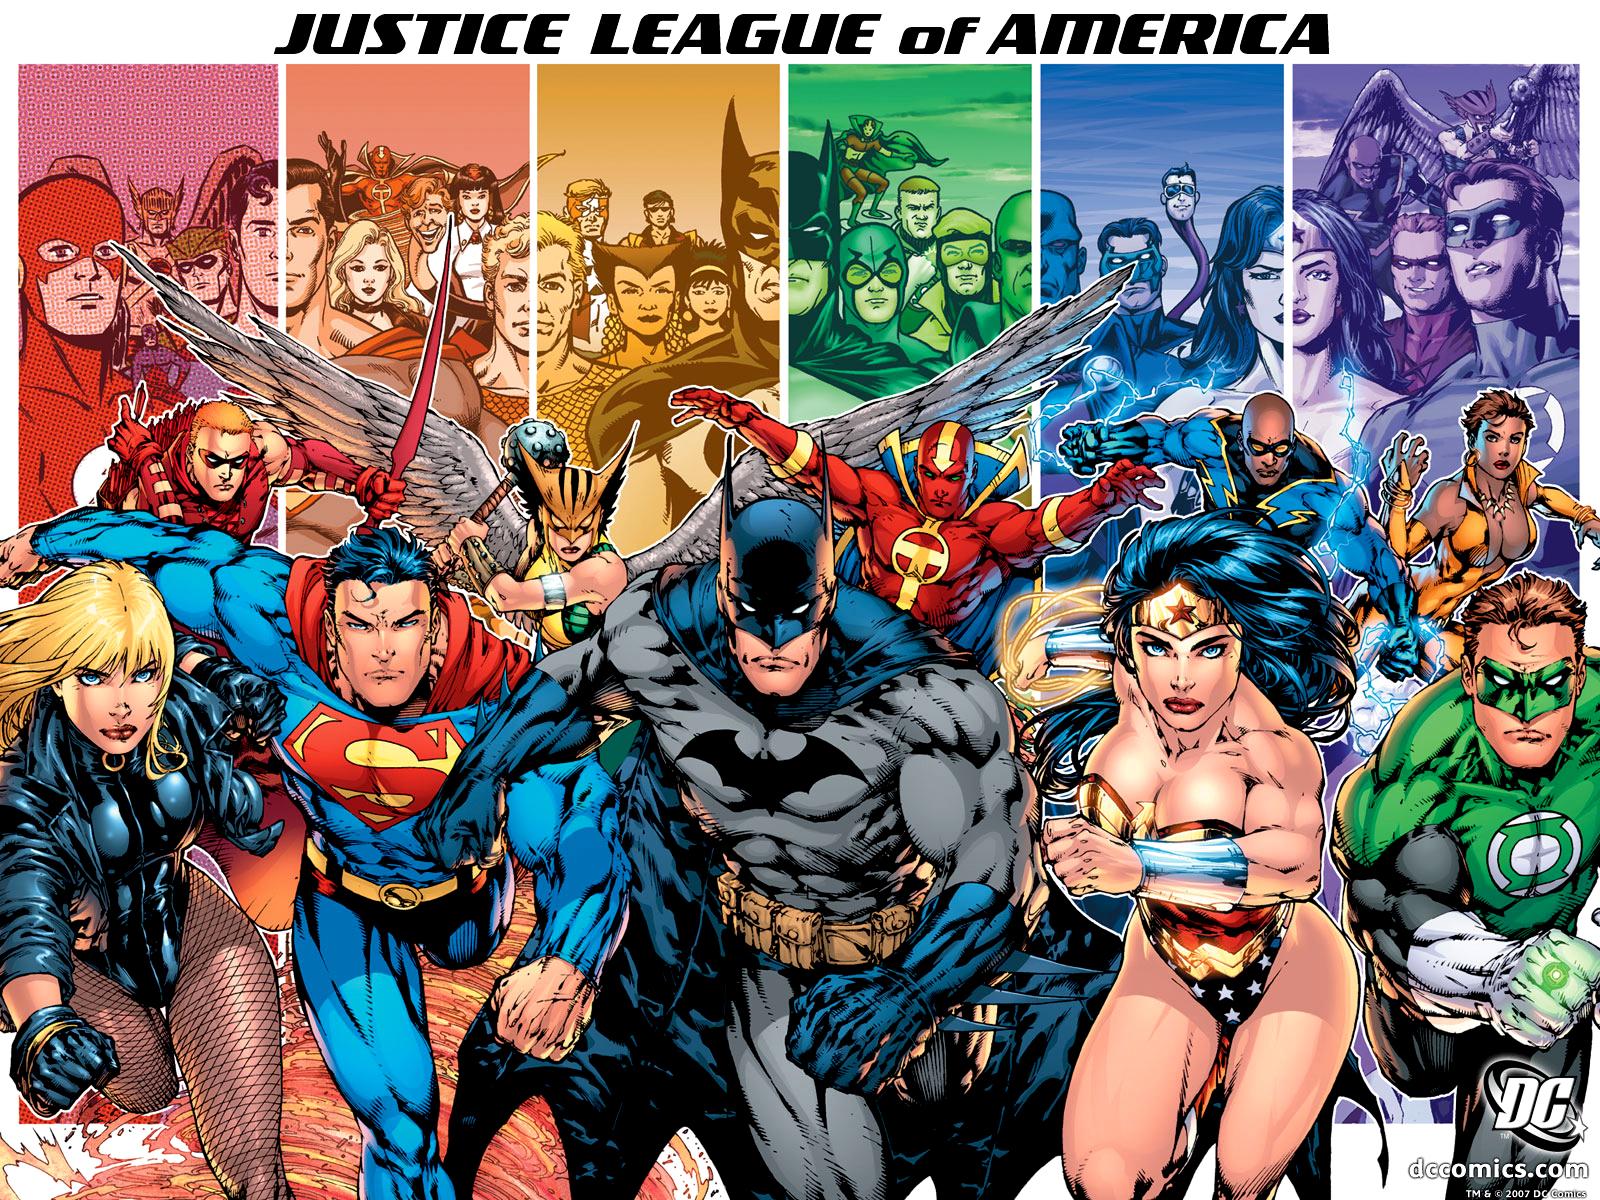 http://3.bp.blogspot.com/-2iIVIbbb6Bs/Tm4jQ2_pFGI/AAAAAAAAC9g/SX04OhzEIWU/s1600/DC_Comics_Super_WW_Batman_Green_Lantern_HD_Wallpaper_www.Vvallpaper.Net.jpg